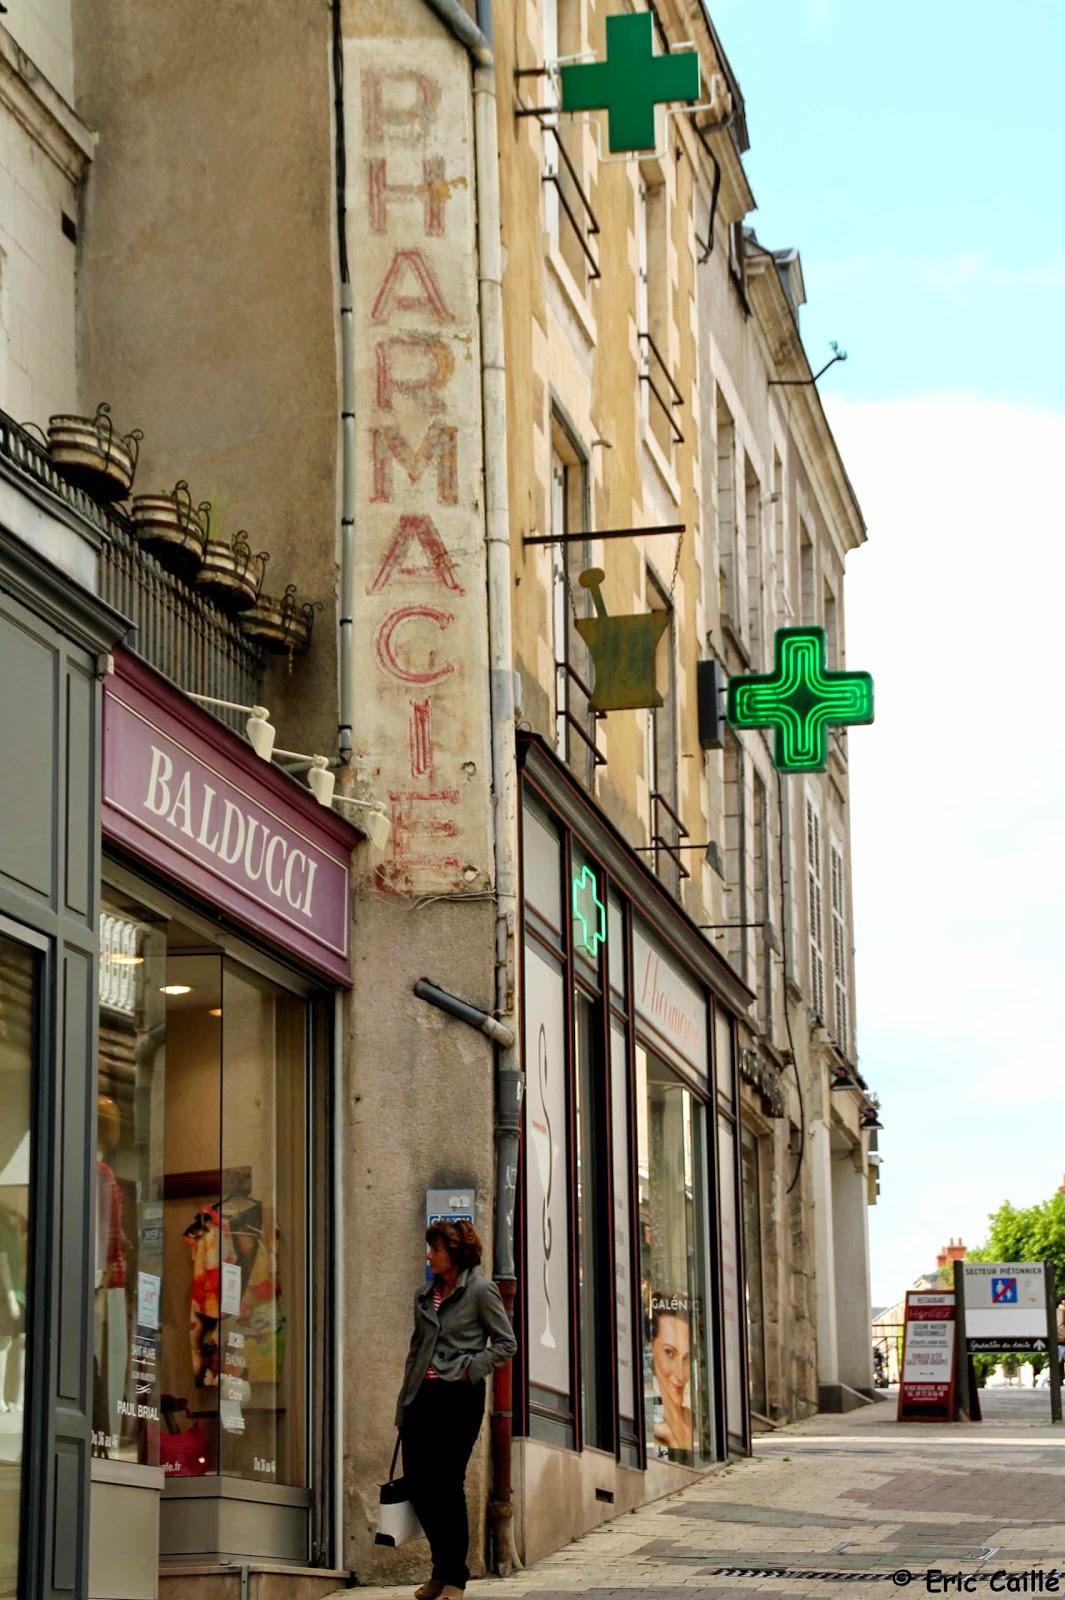 Les murs peints parlent blois pharmacie de garde - Pharmacie de garde porte de vincennes ...